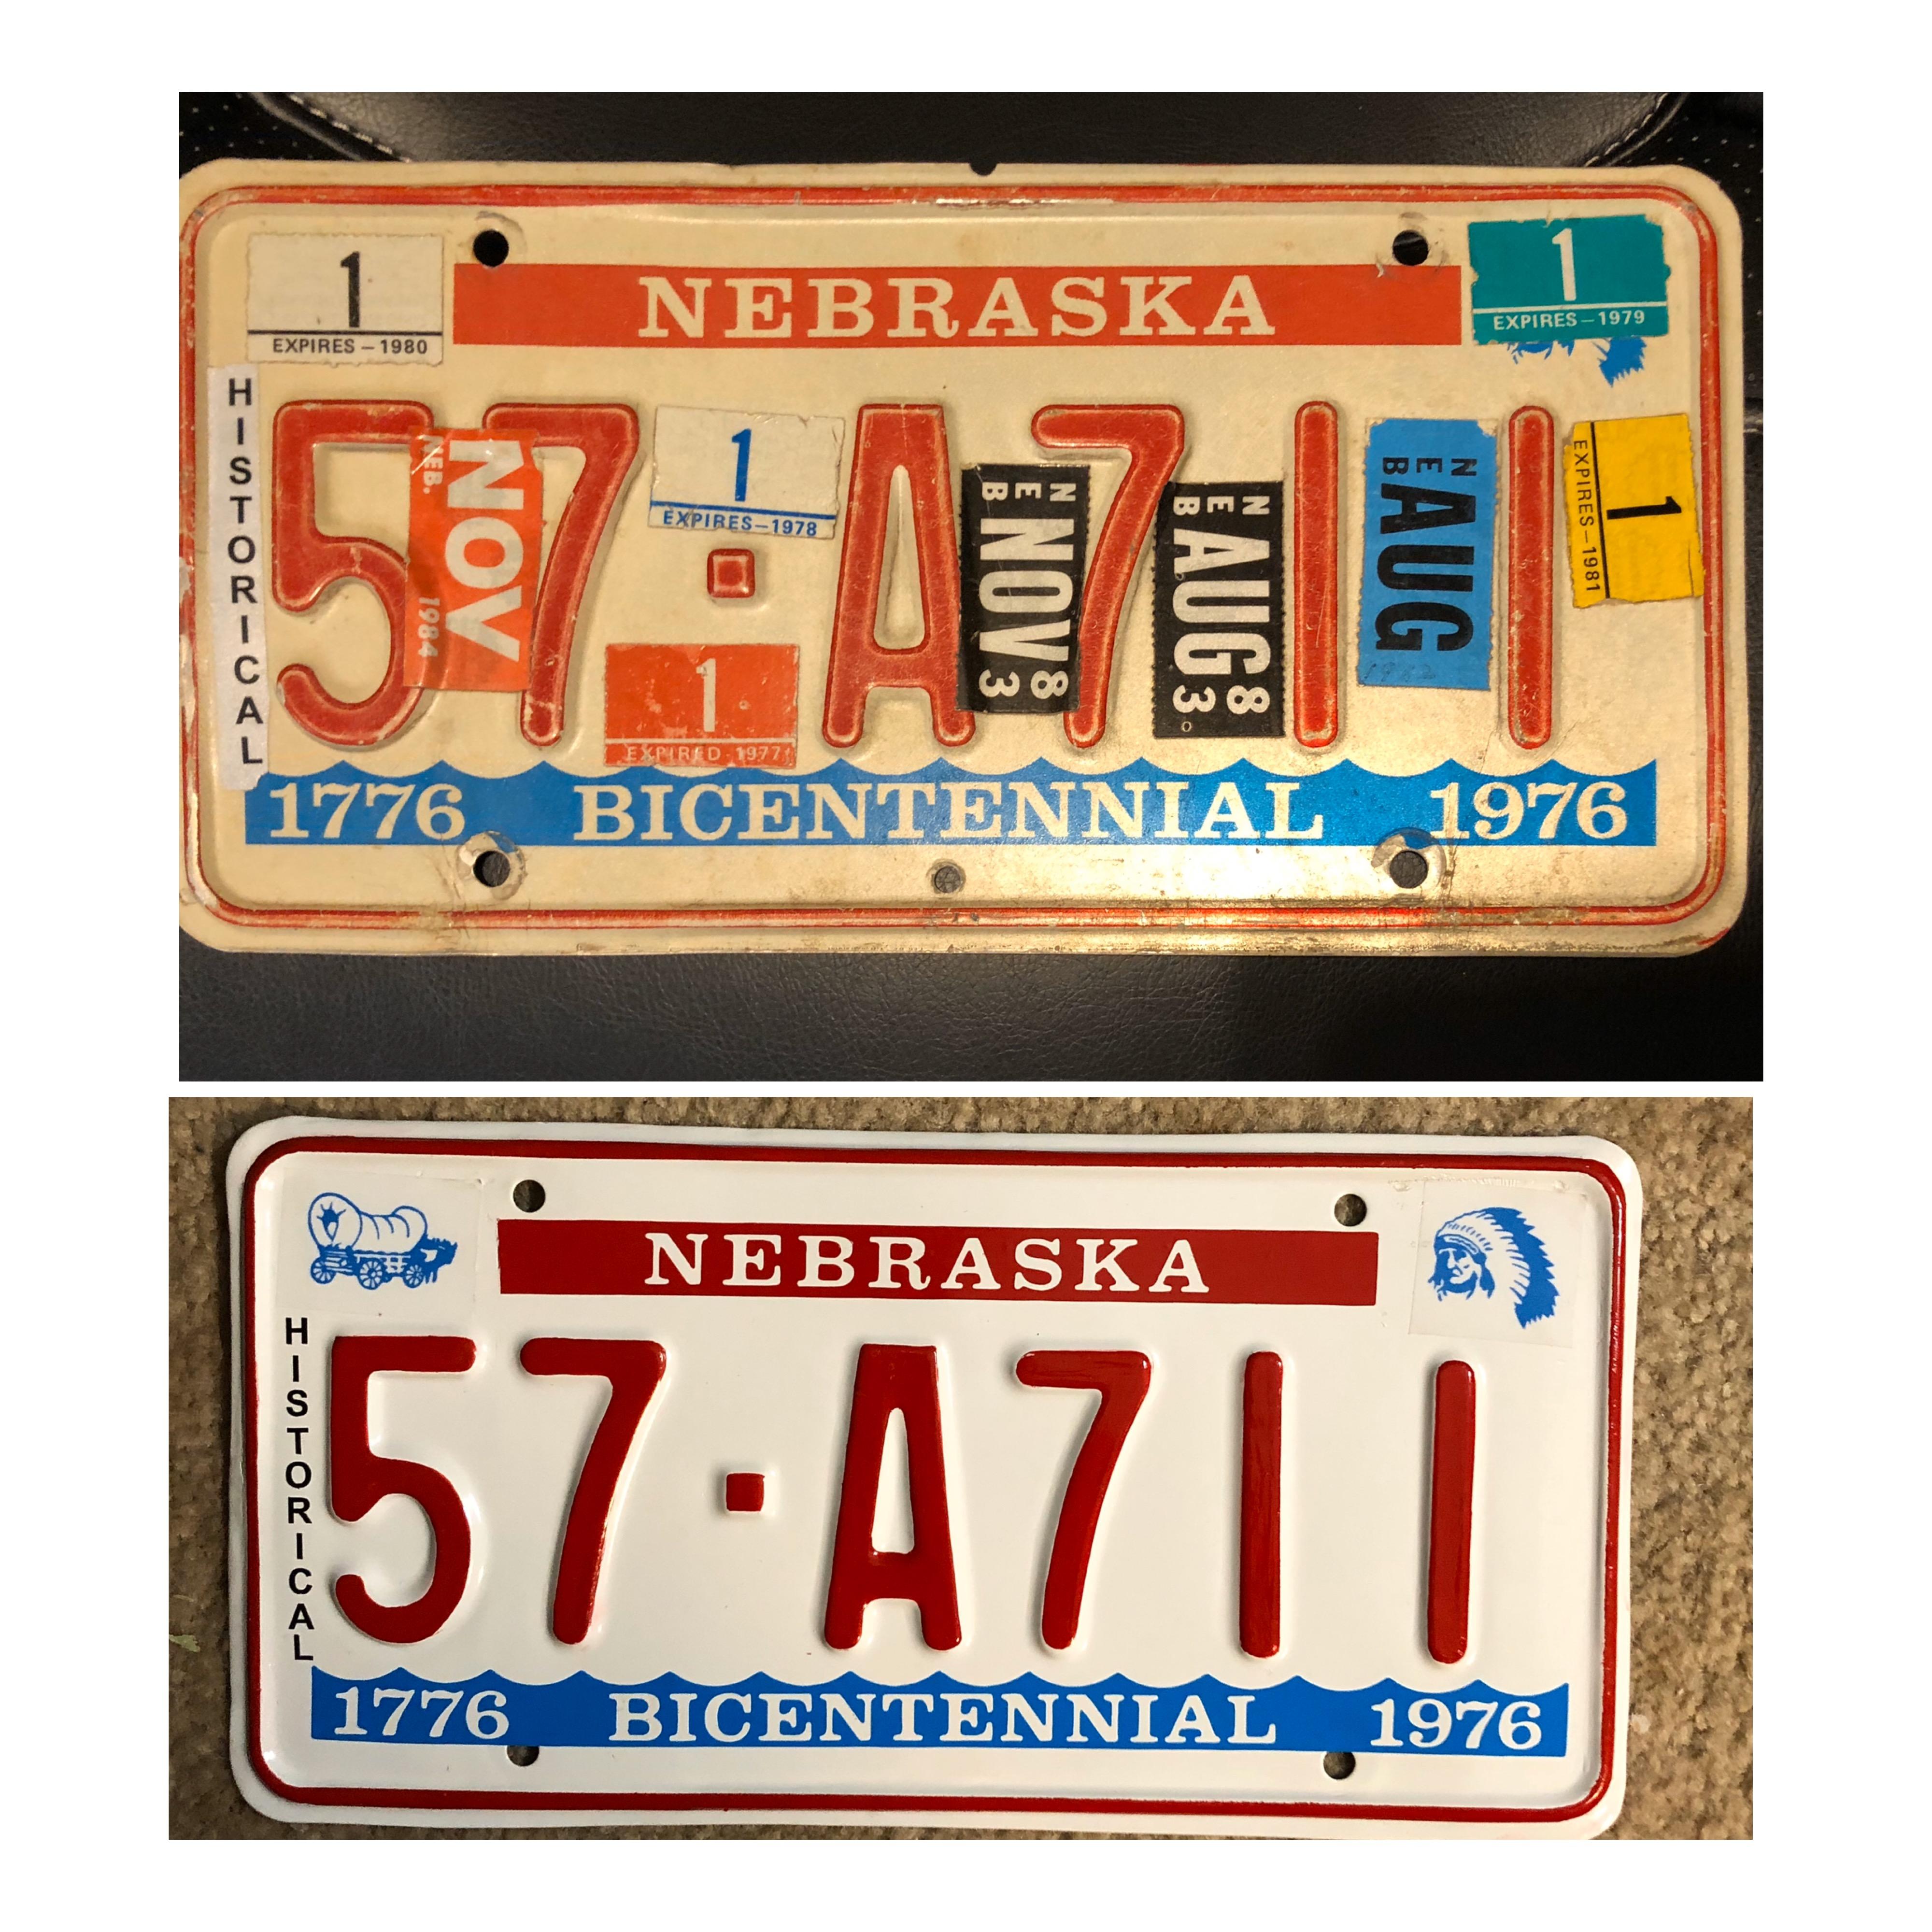 1976 Nebraska